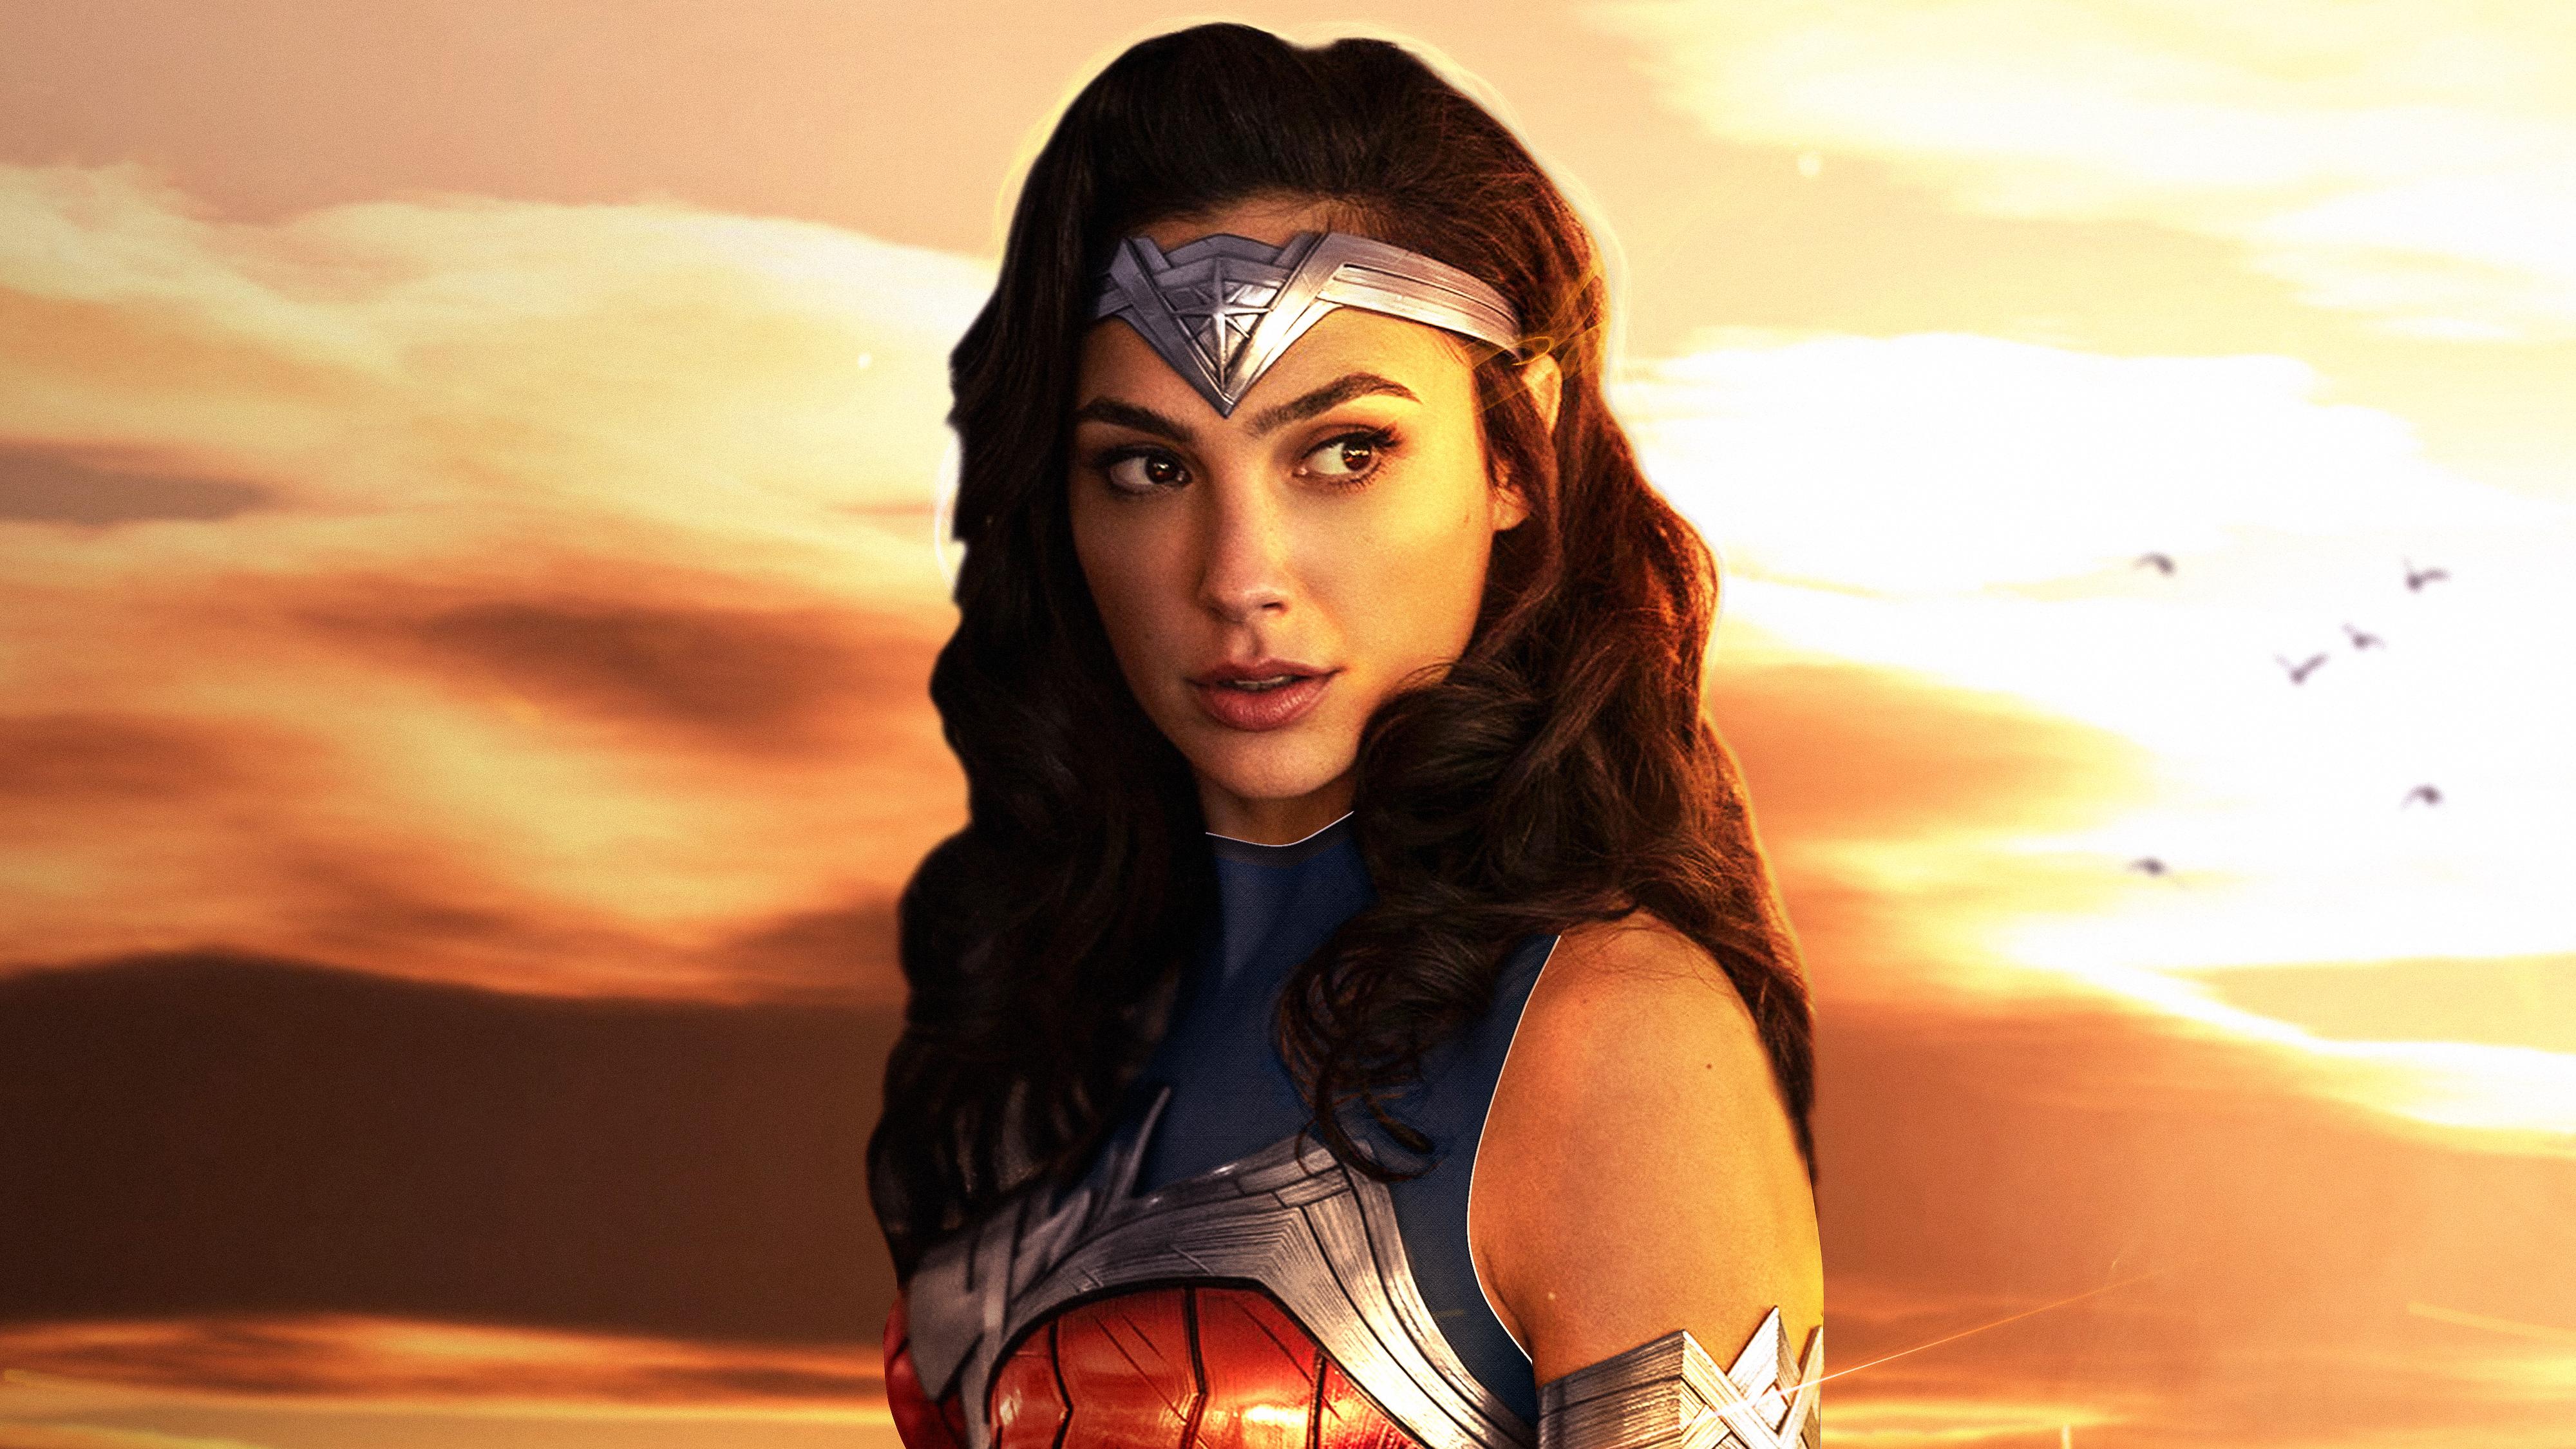 Wonder Woman Movie Wallpaper 1: Wonder Woman 1984 Movie, HD Movies, 4k Wallpapers, Images